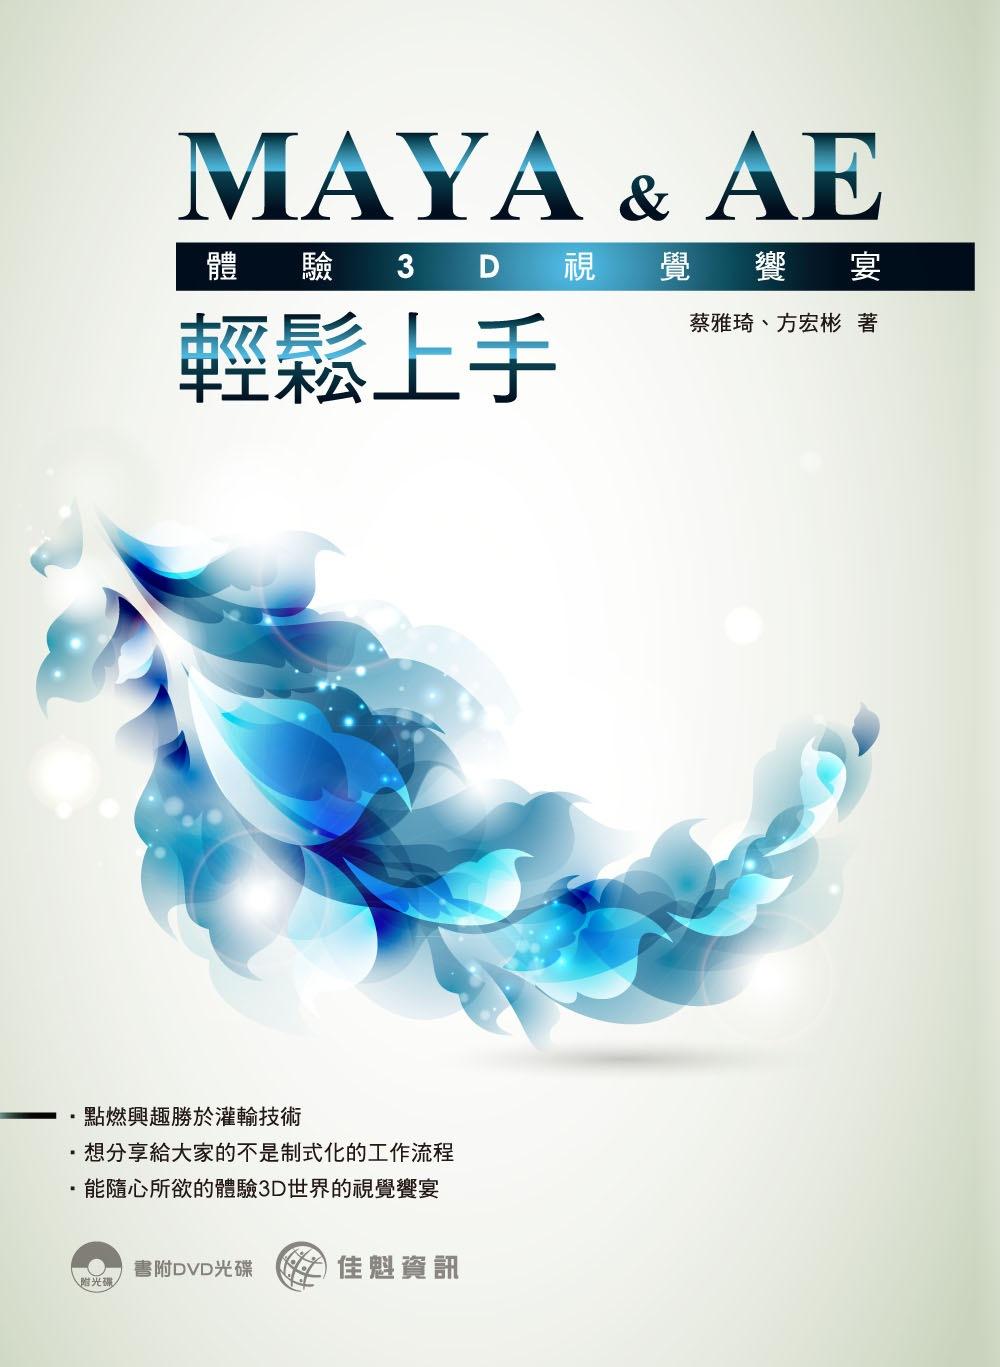 體驗3D視覺饗宴:MAYA & AE...